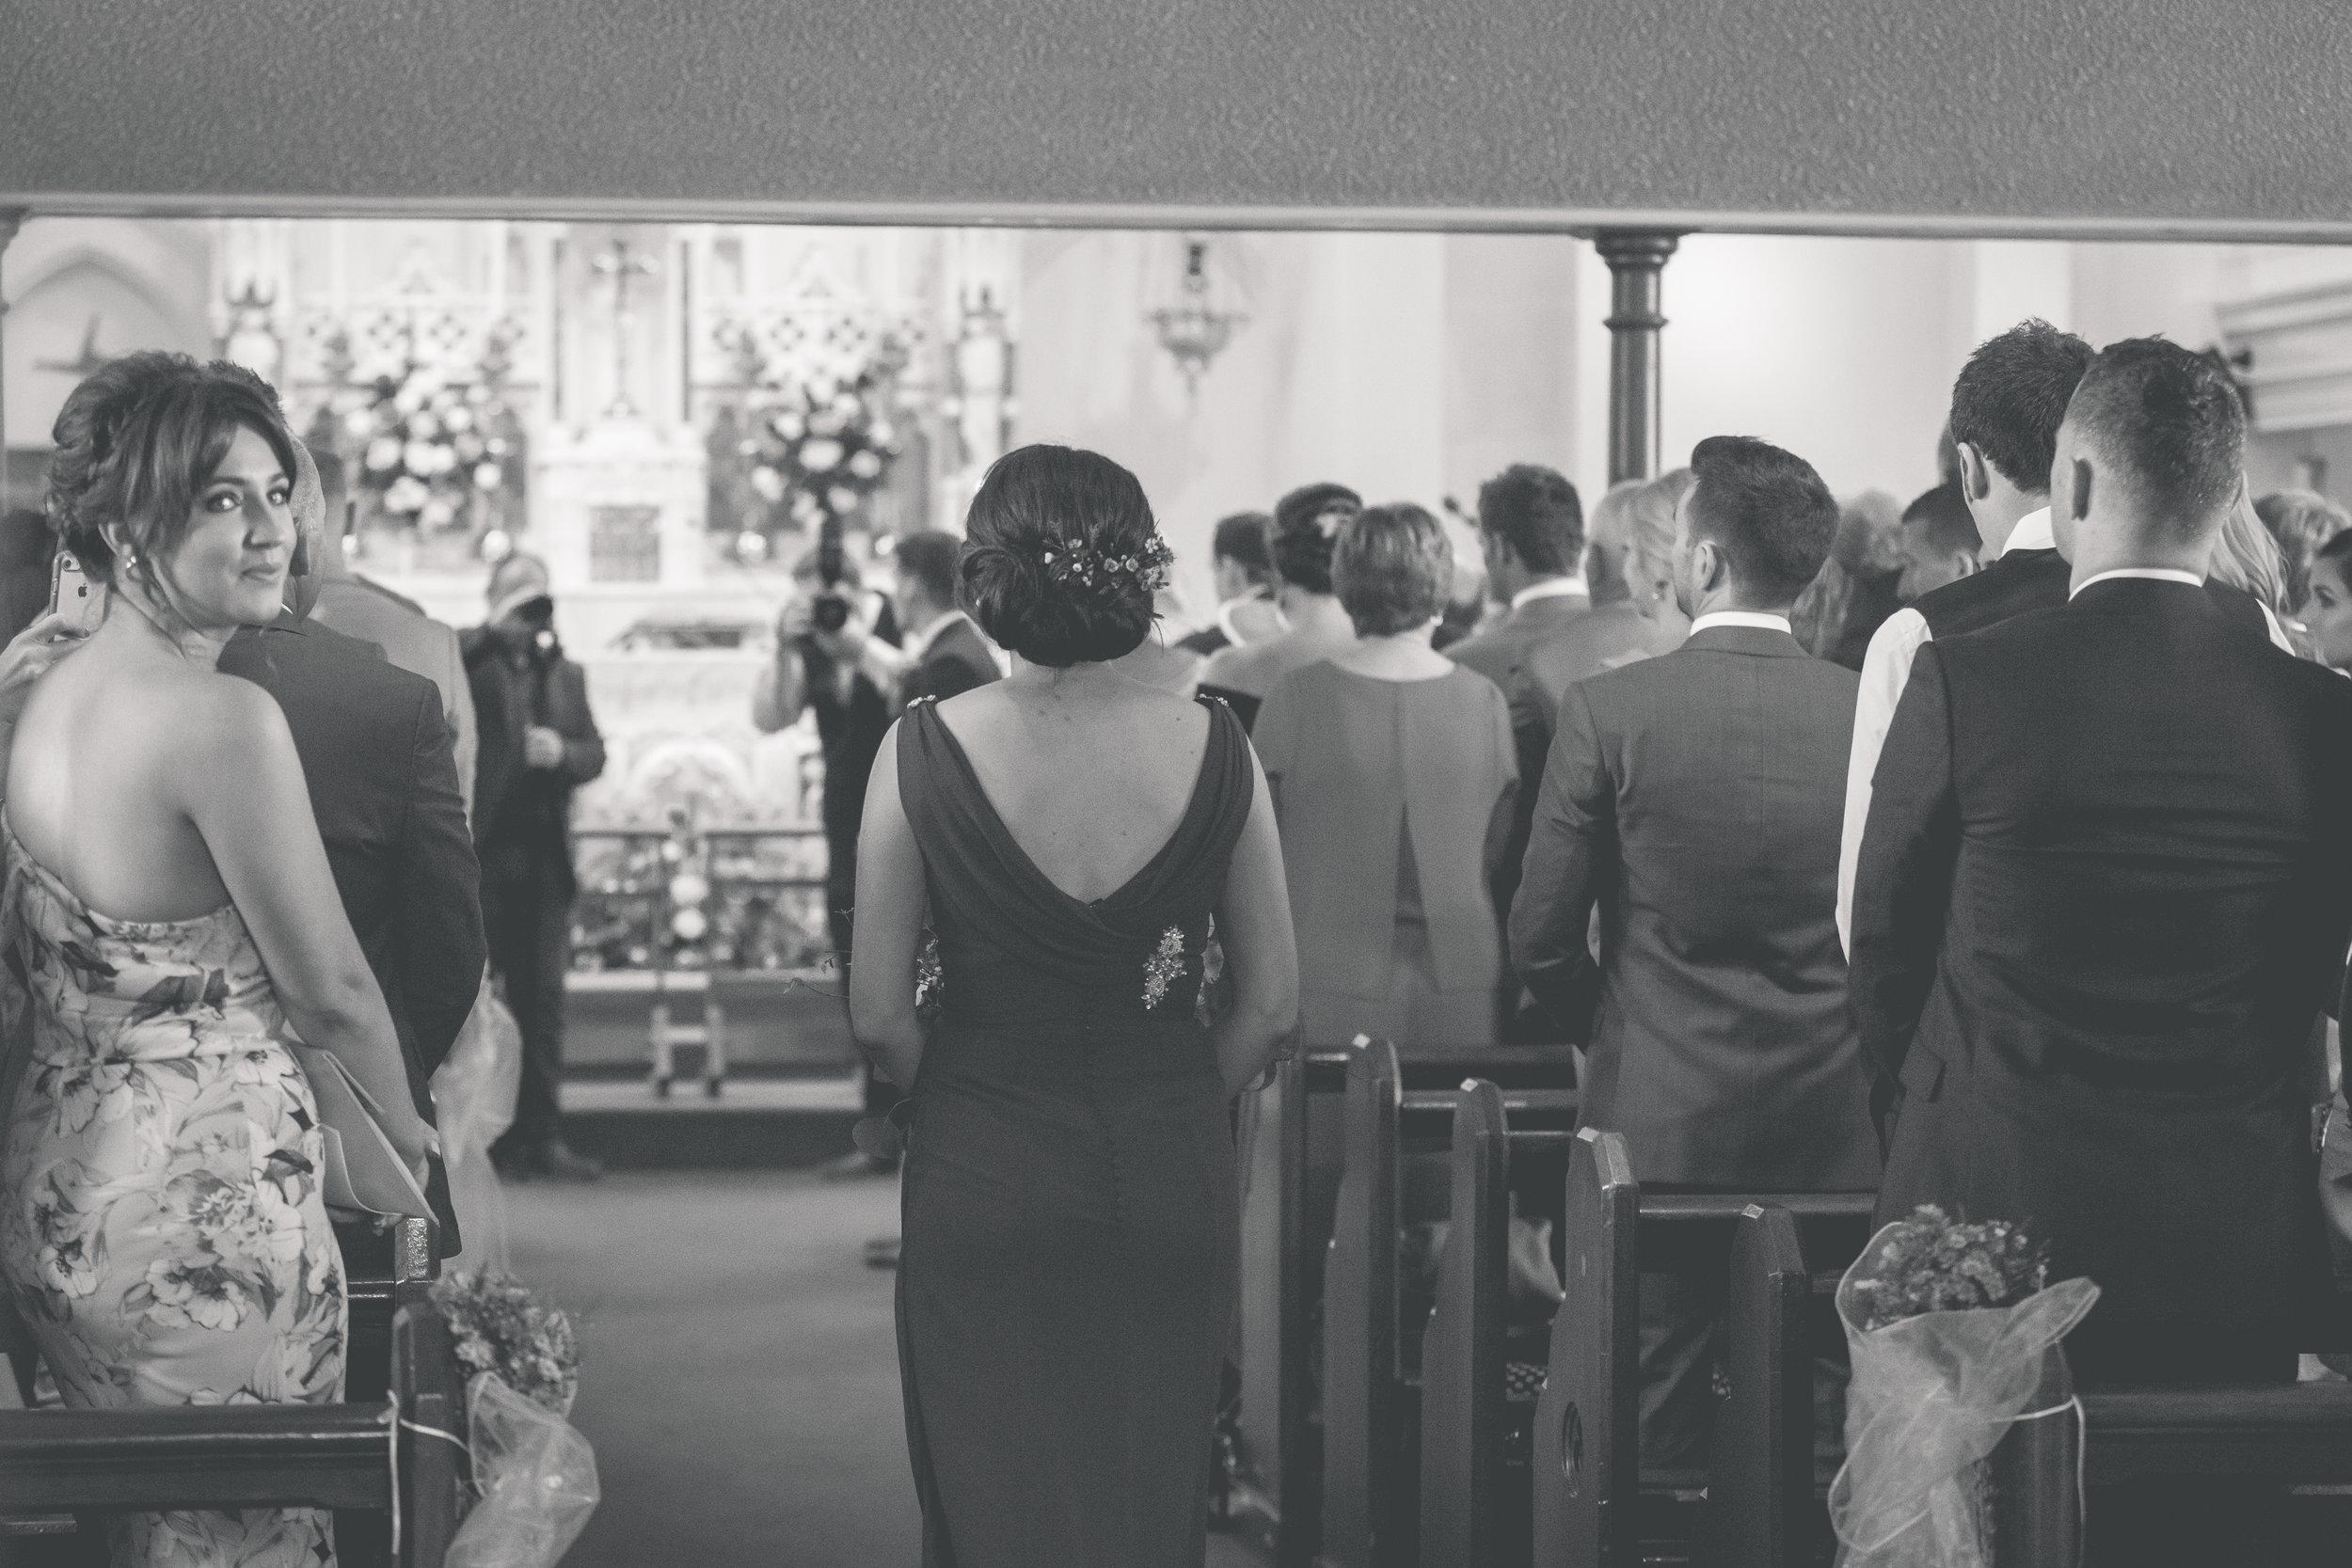 Brian McEwan Wedding Photography   Carol-Anne & Sean   The Ceremony-12.jpg